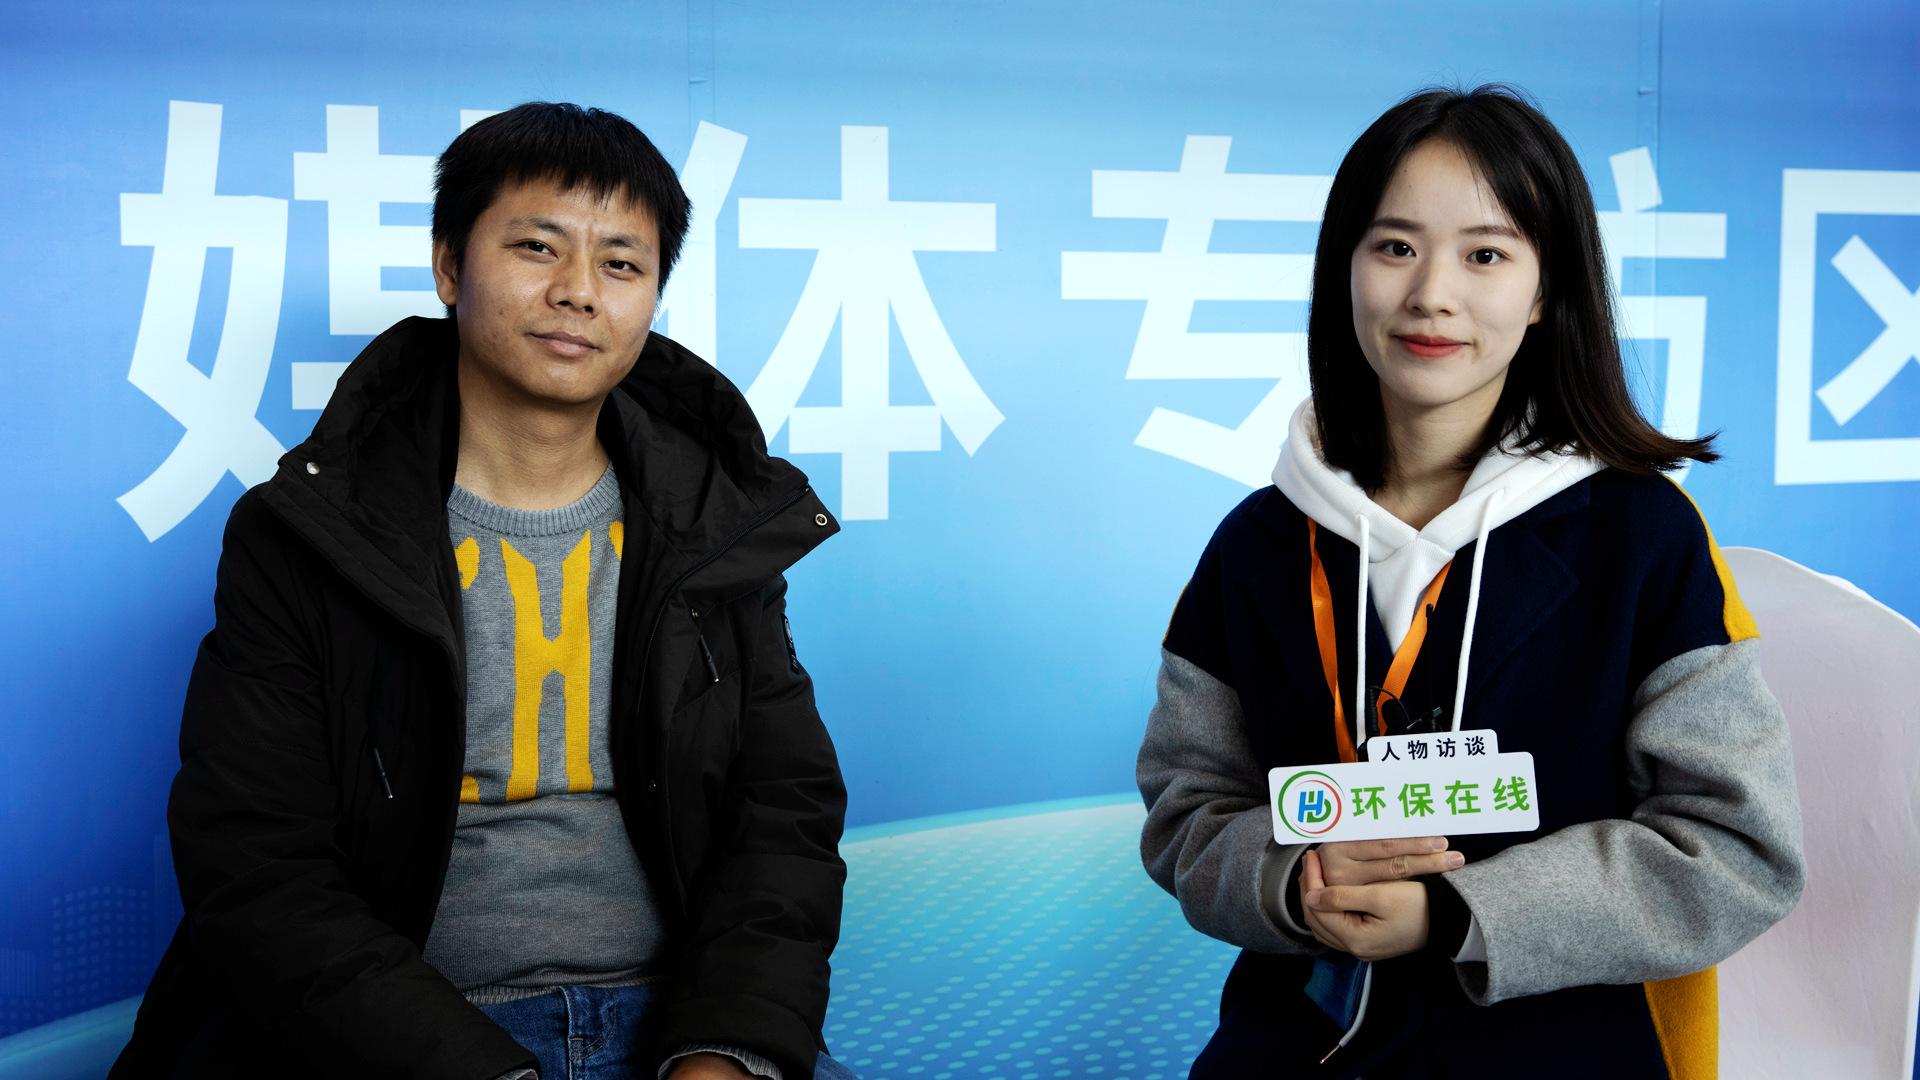 专访:希戈纳(上海)科技有限公司运营部总监卢召